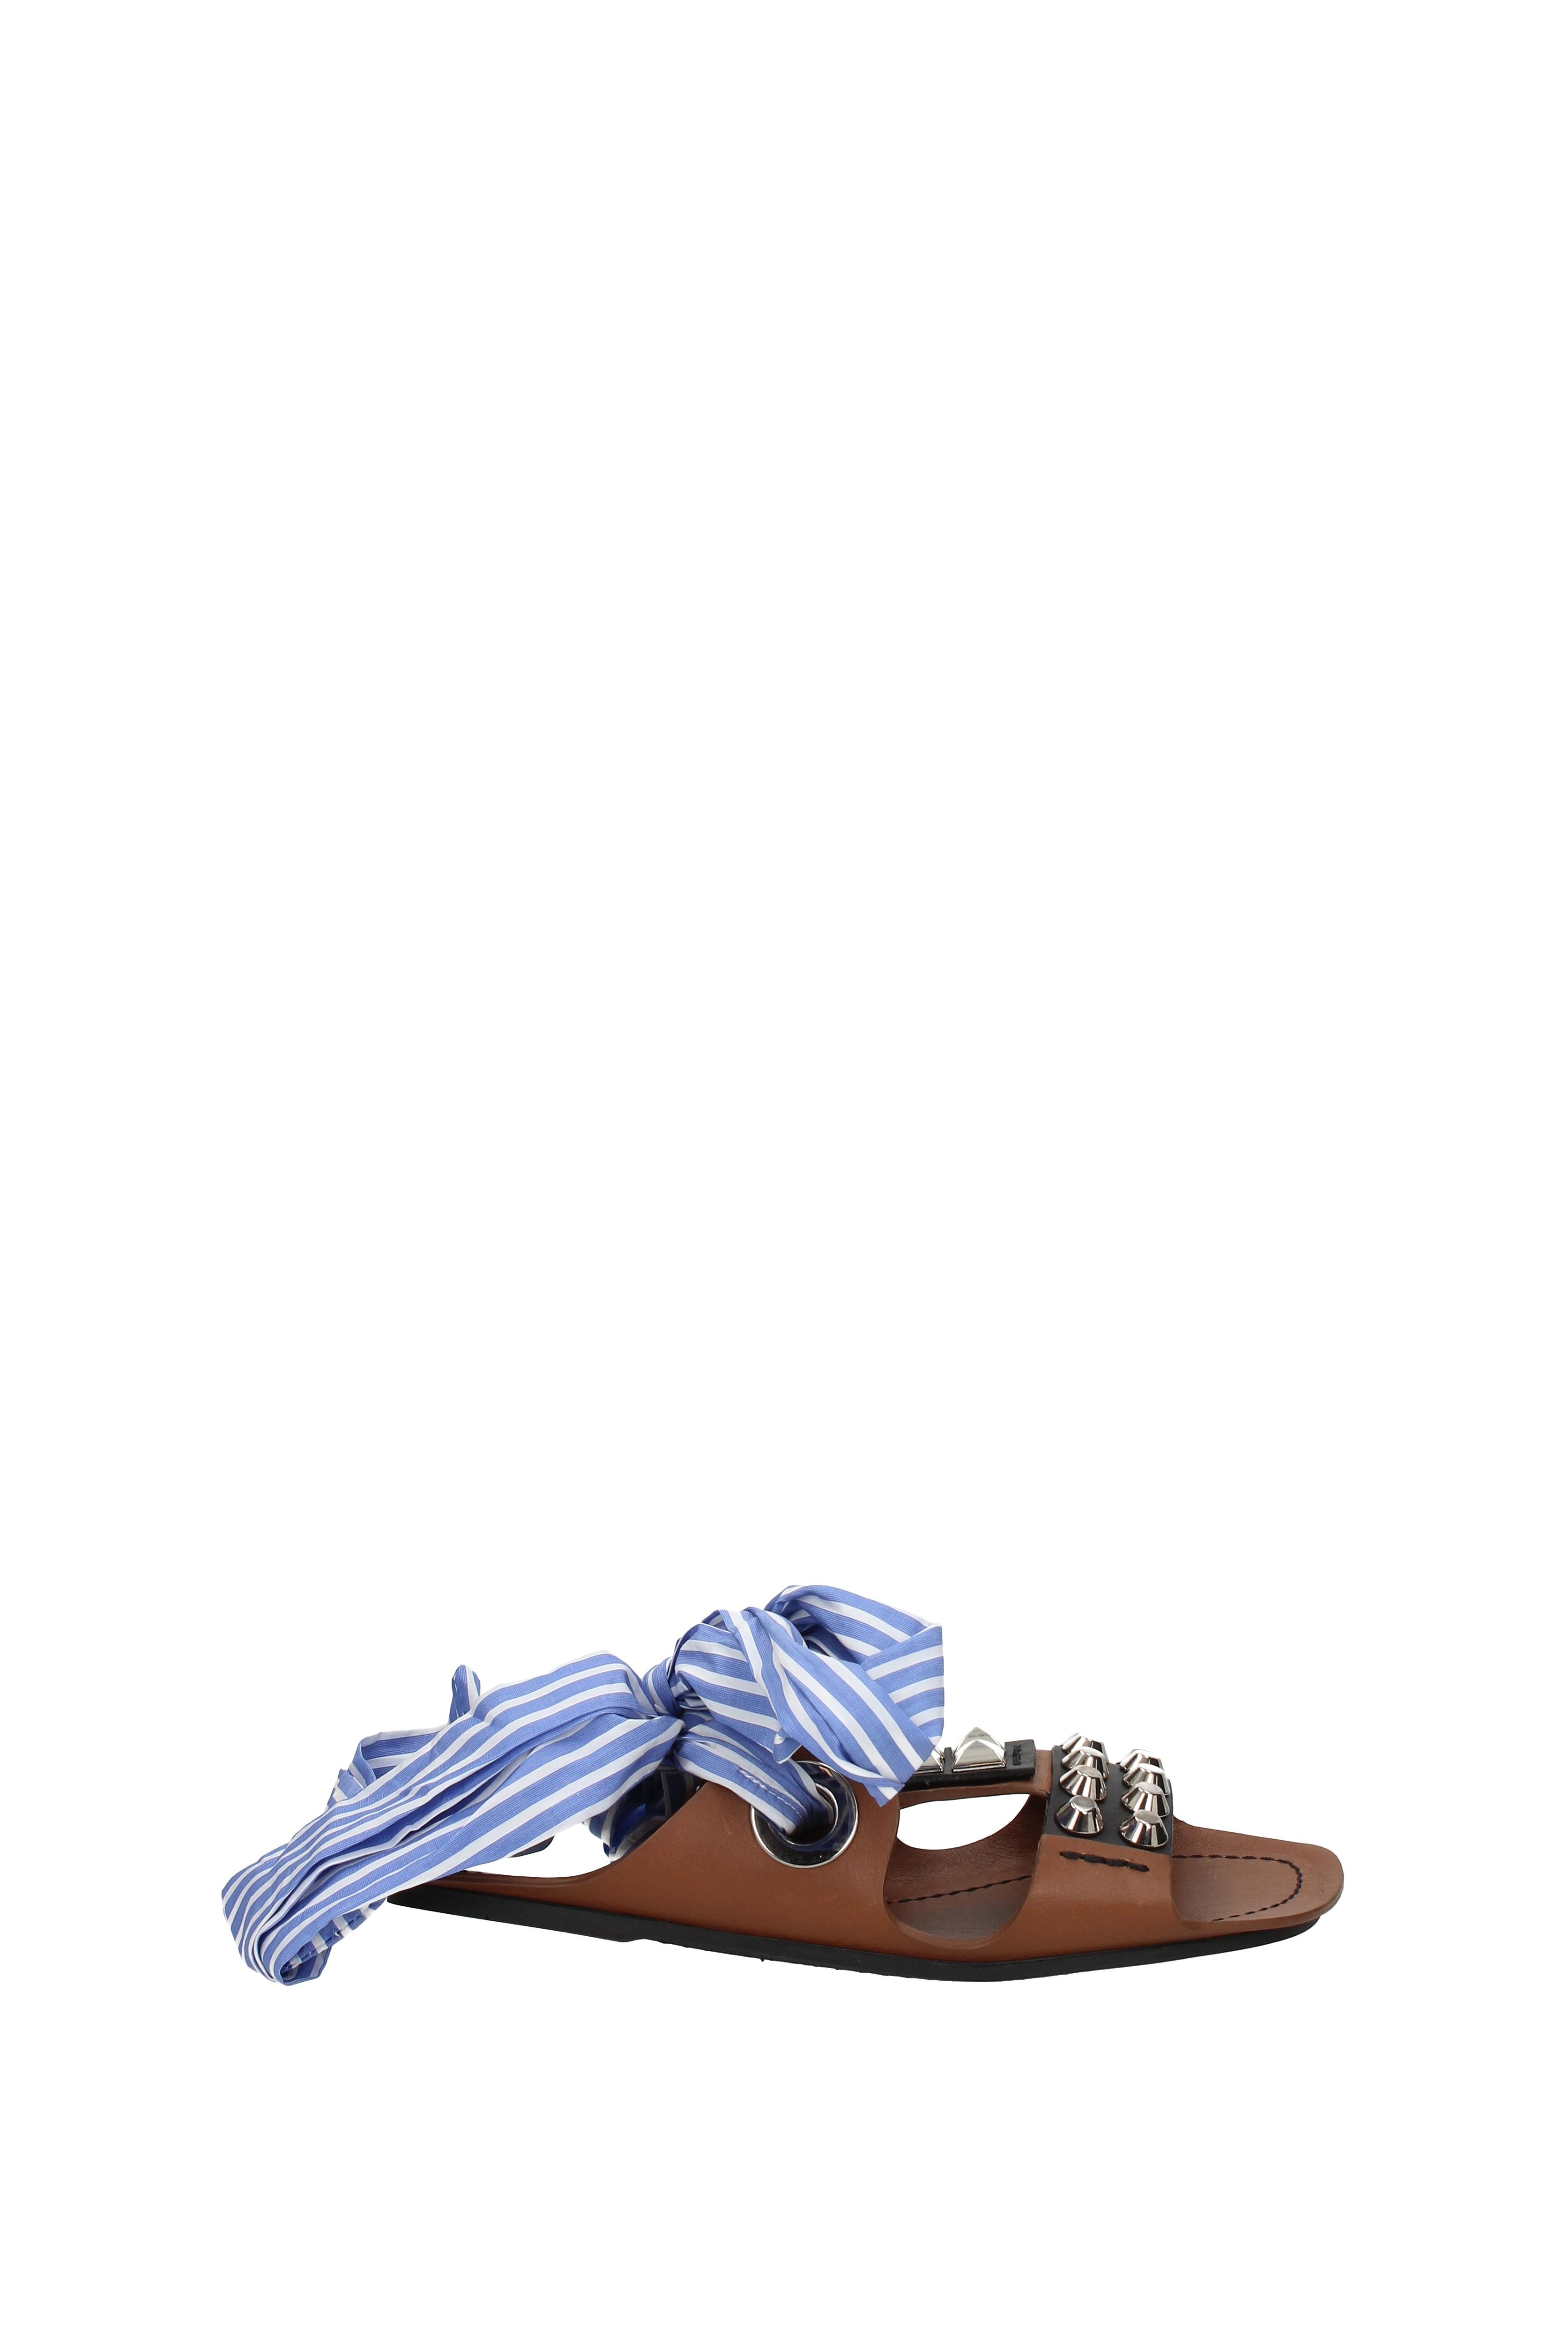 Mahabis Summer Taille 6/39 vert clair Pantoufles Chaussures Vêtements, accessoires